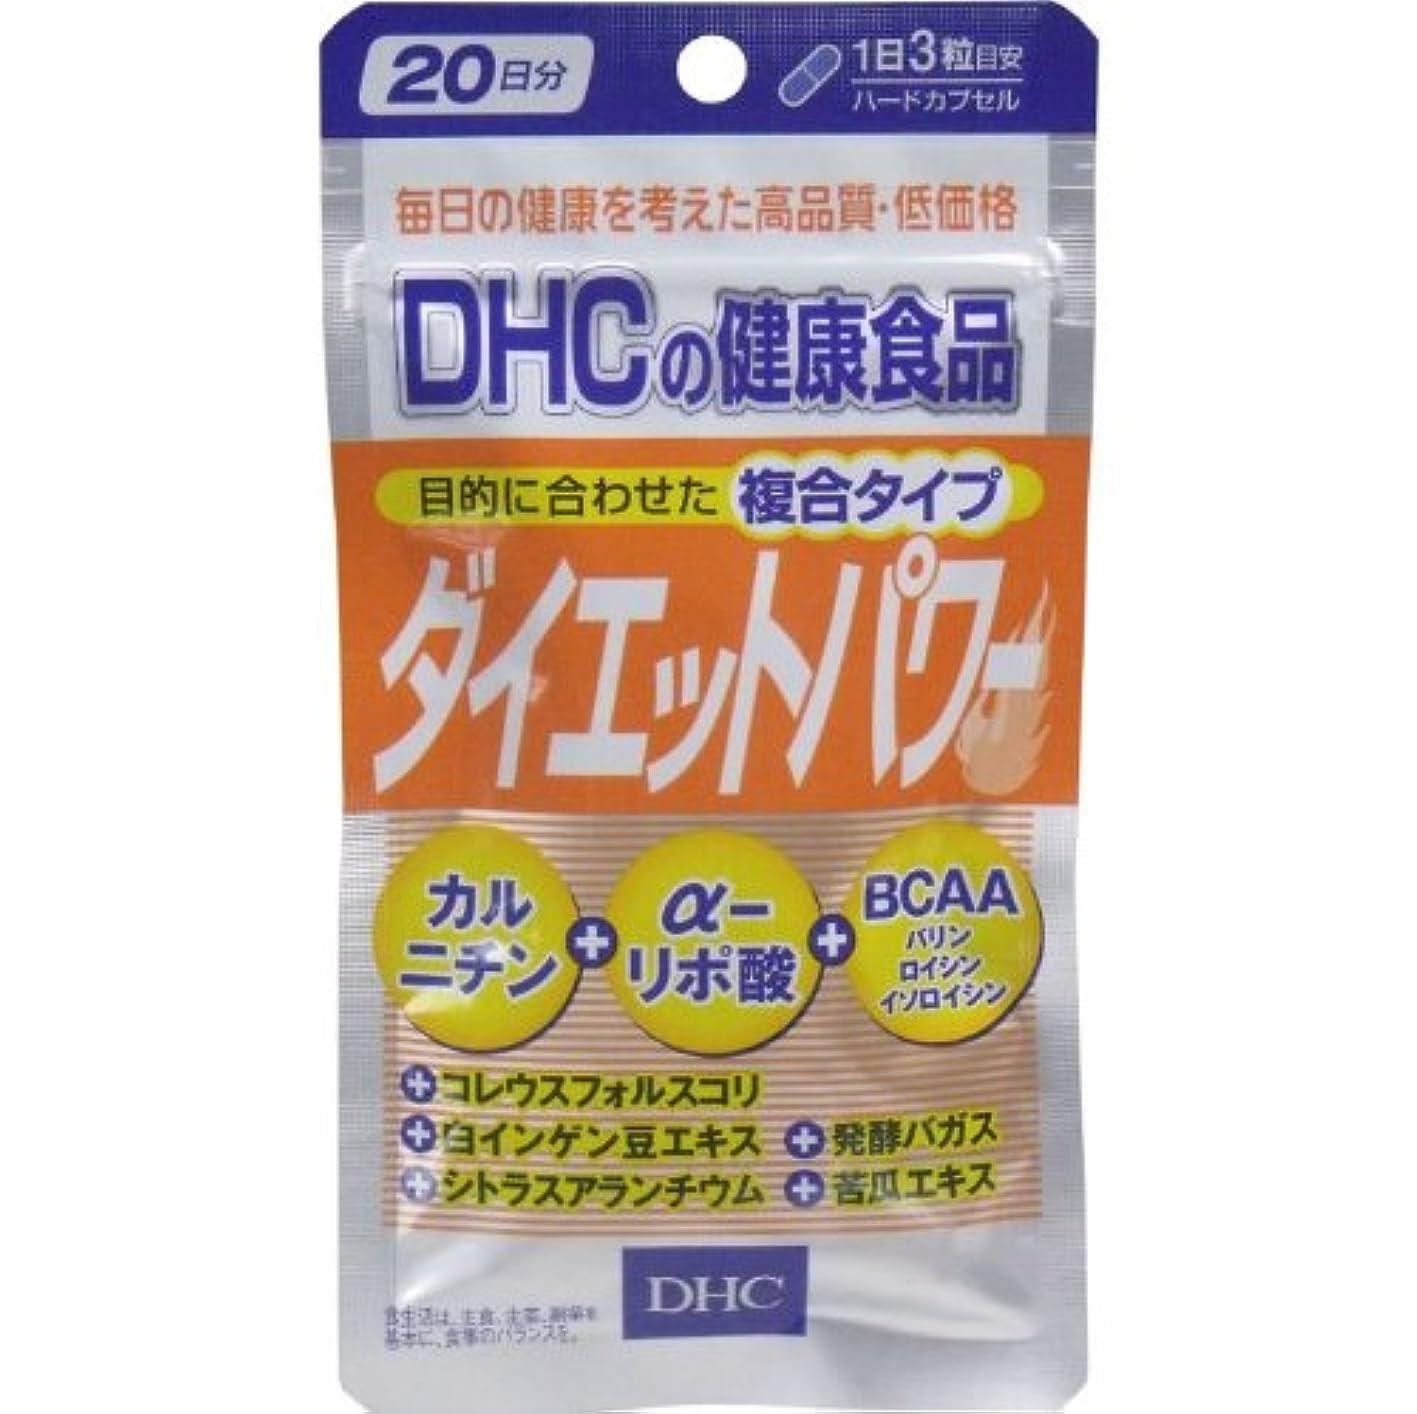 滝ガラスリスDHC ダイエットパワー 60粒入 20日分【2個セット】